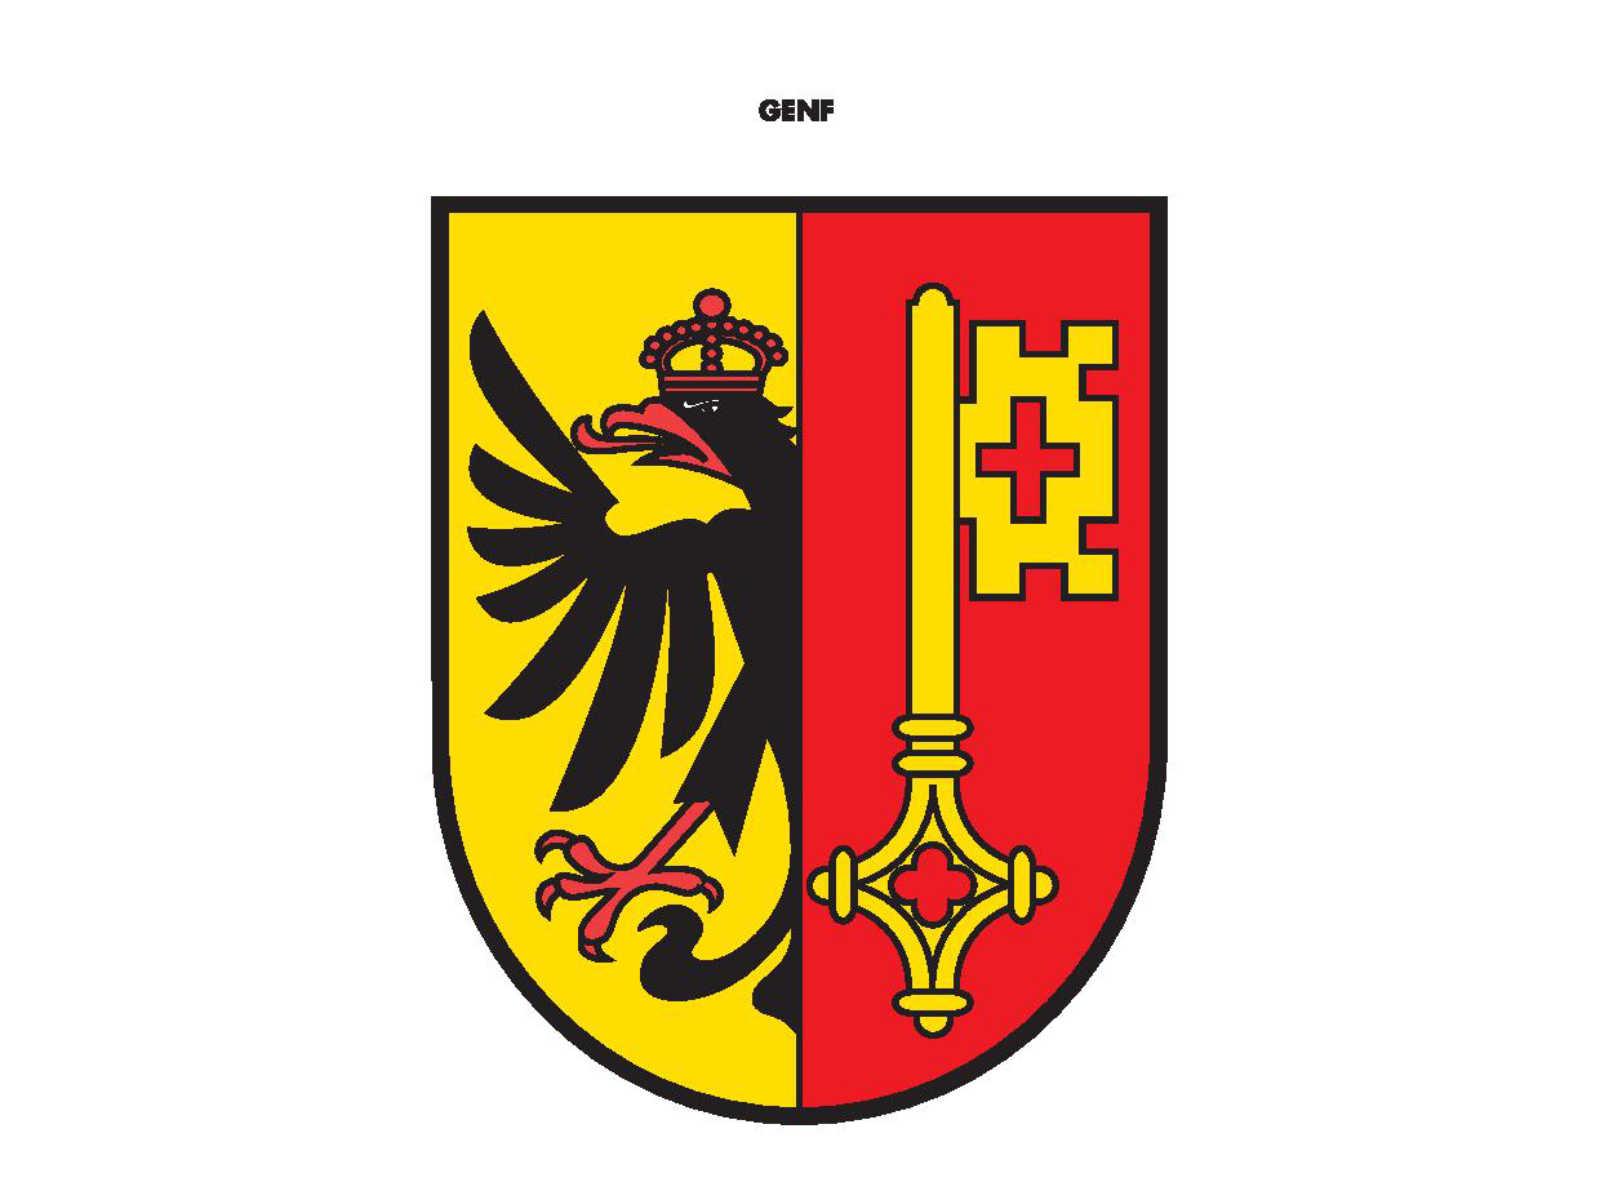 Schweizer Kantone – Genf